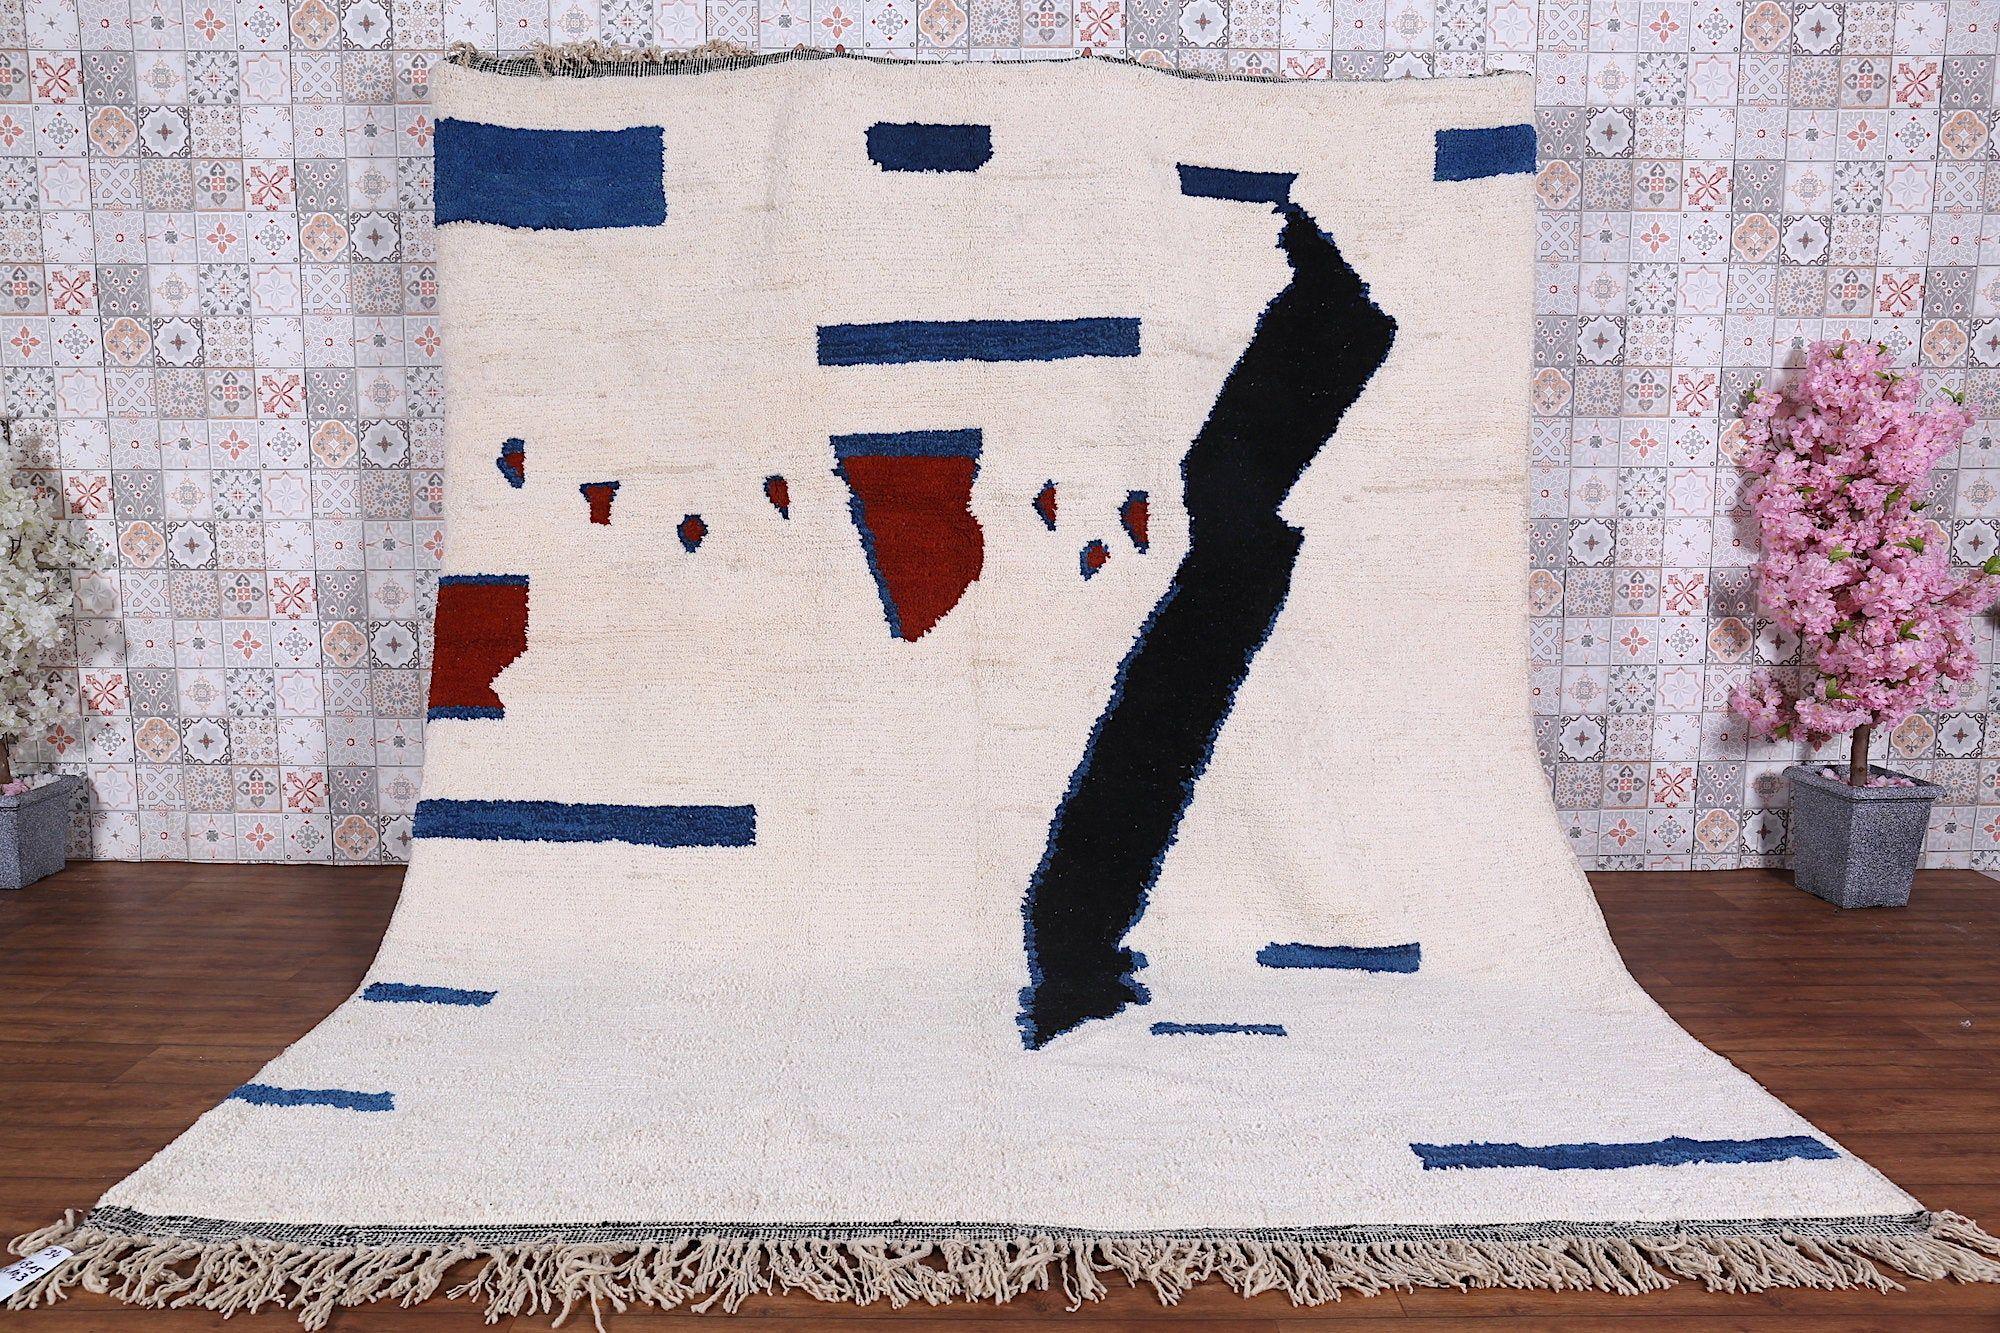 Tapis marocain, 8.7ft x 10.3ft, Grand tapis berbère, Grand tapis, Grand tapis Beniourain, Tapis marocain, Tapis